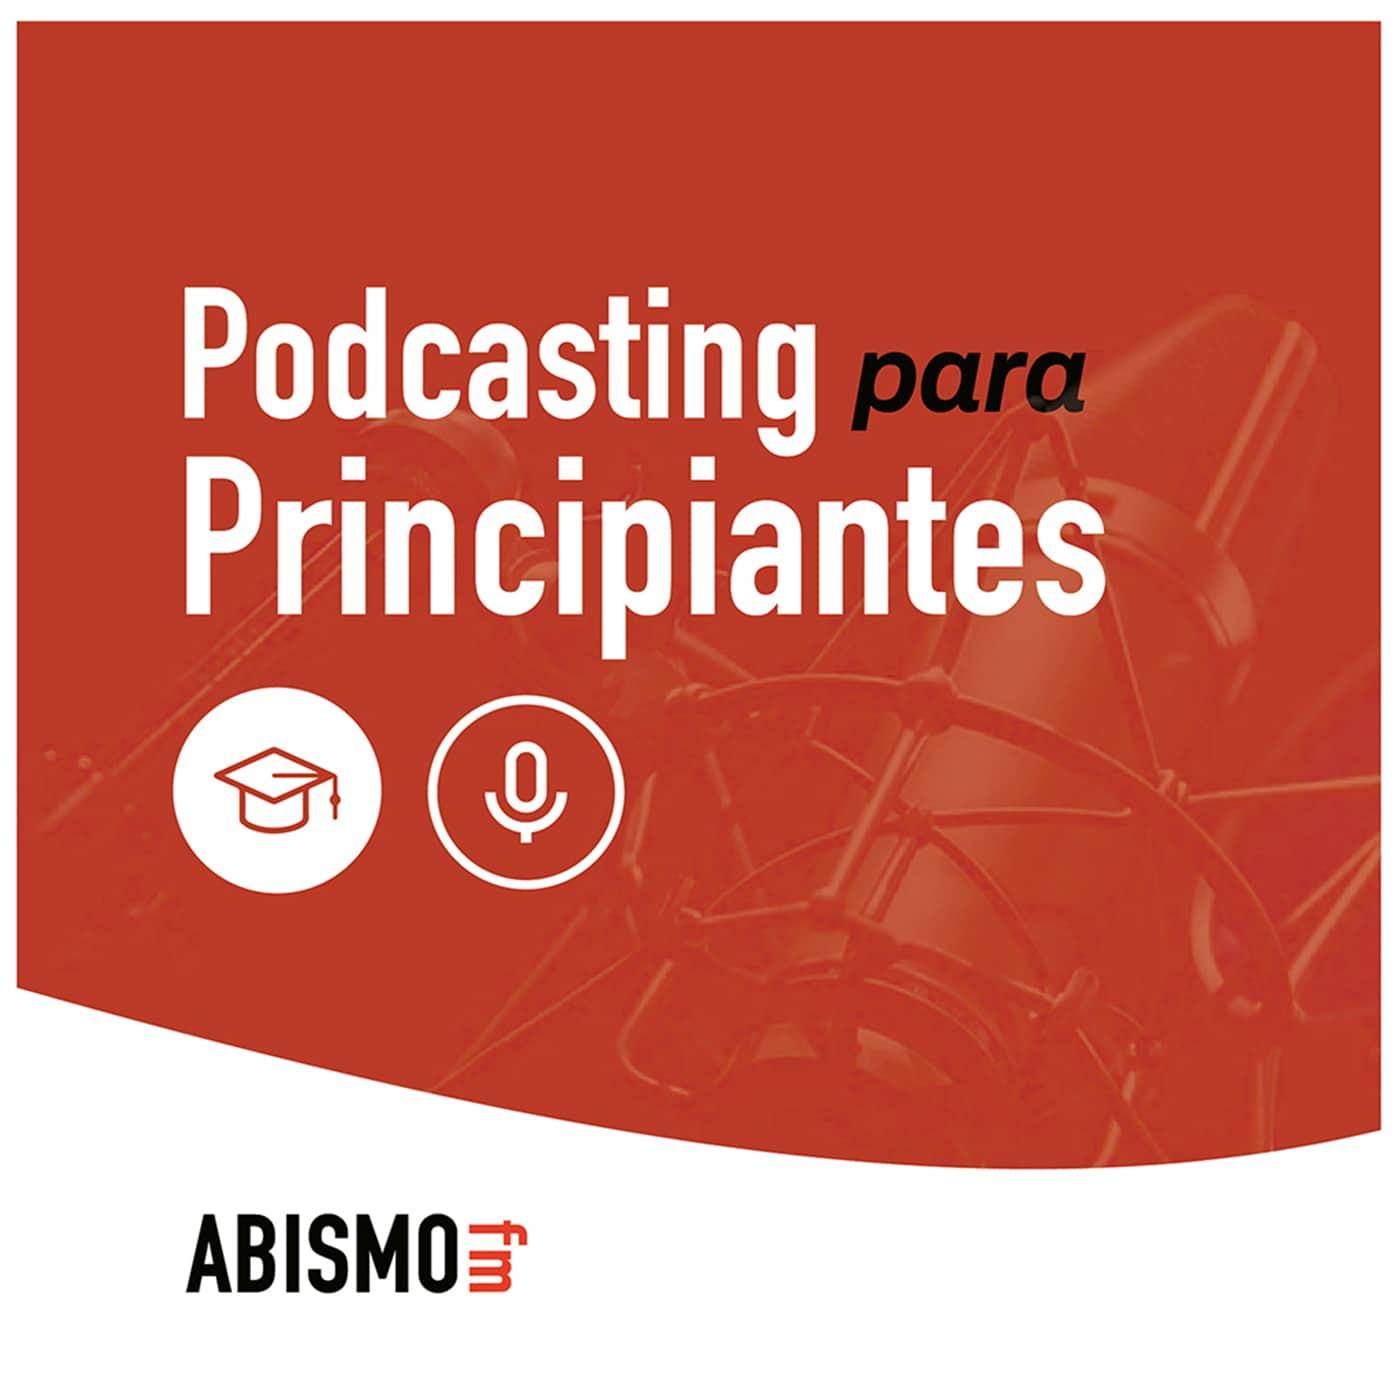 Despedida temporal de Podcasting para Principiantes